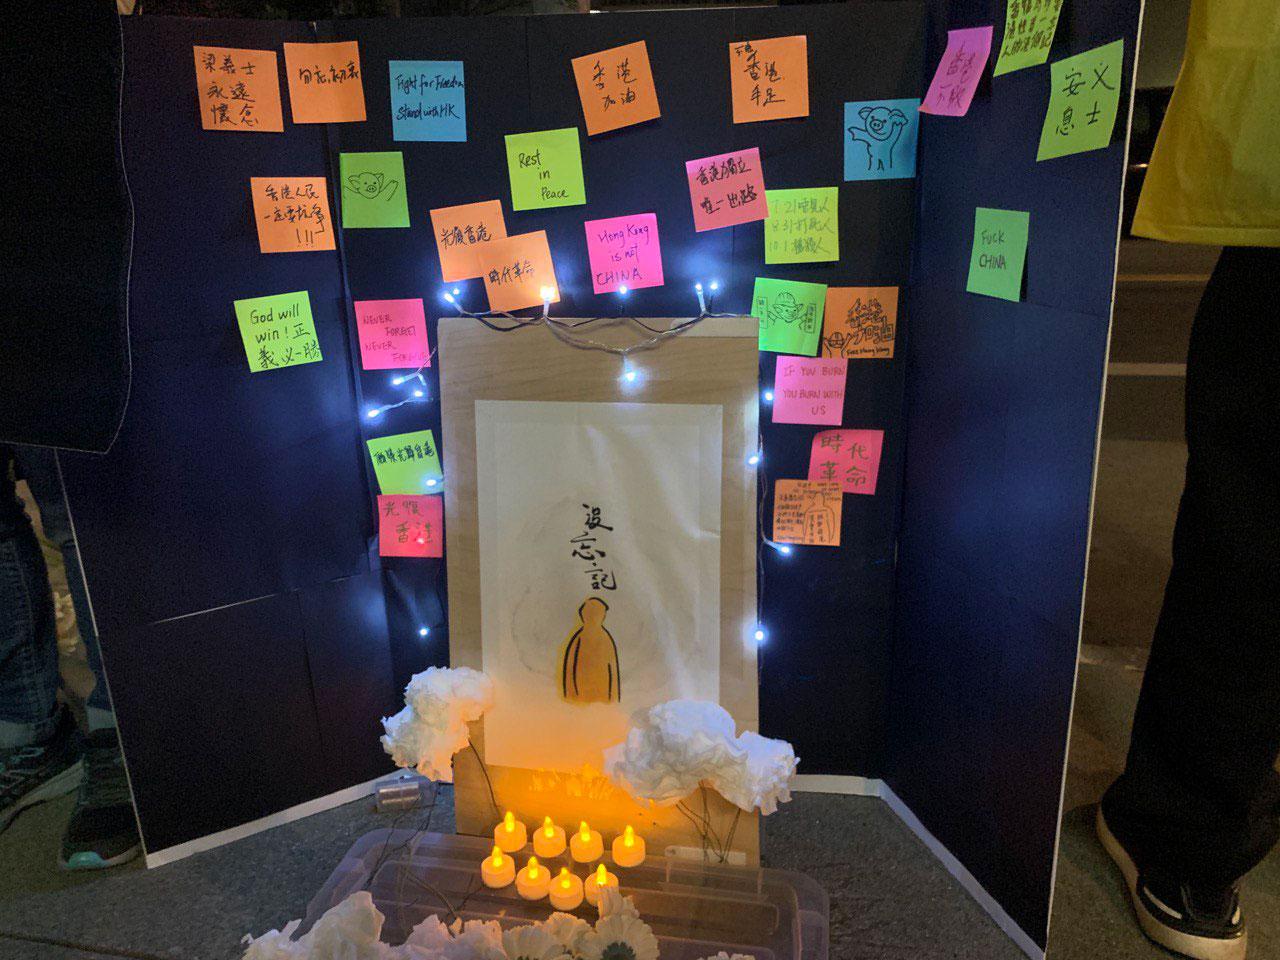 追思会会场上的小型黑色连侬墙、蜡烛与白色鲜花。(孙诚拍摄,独家首发)